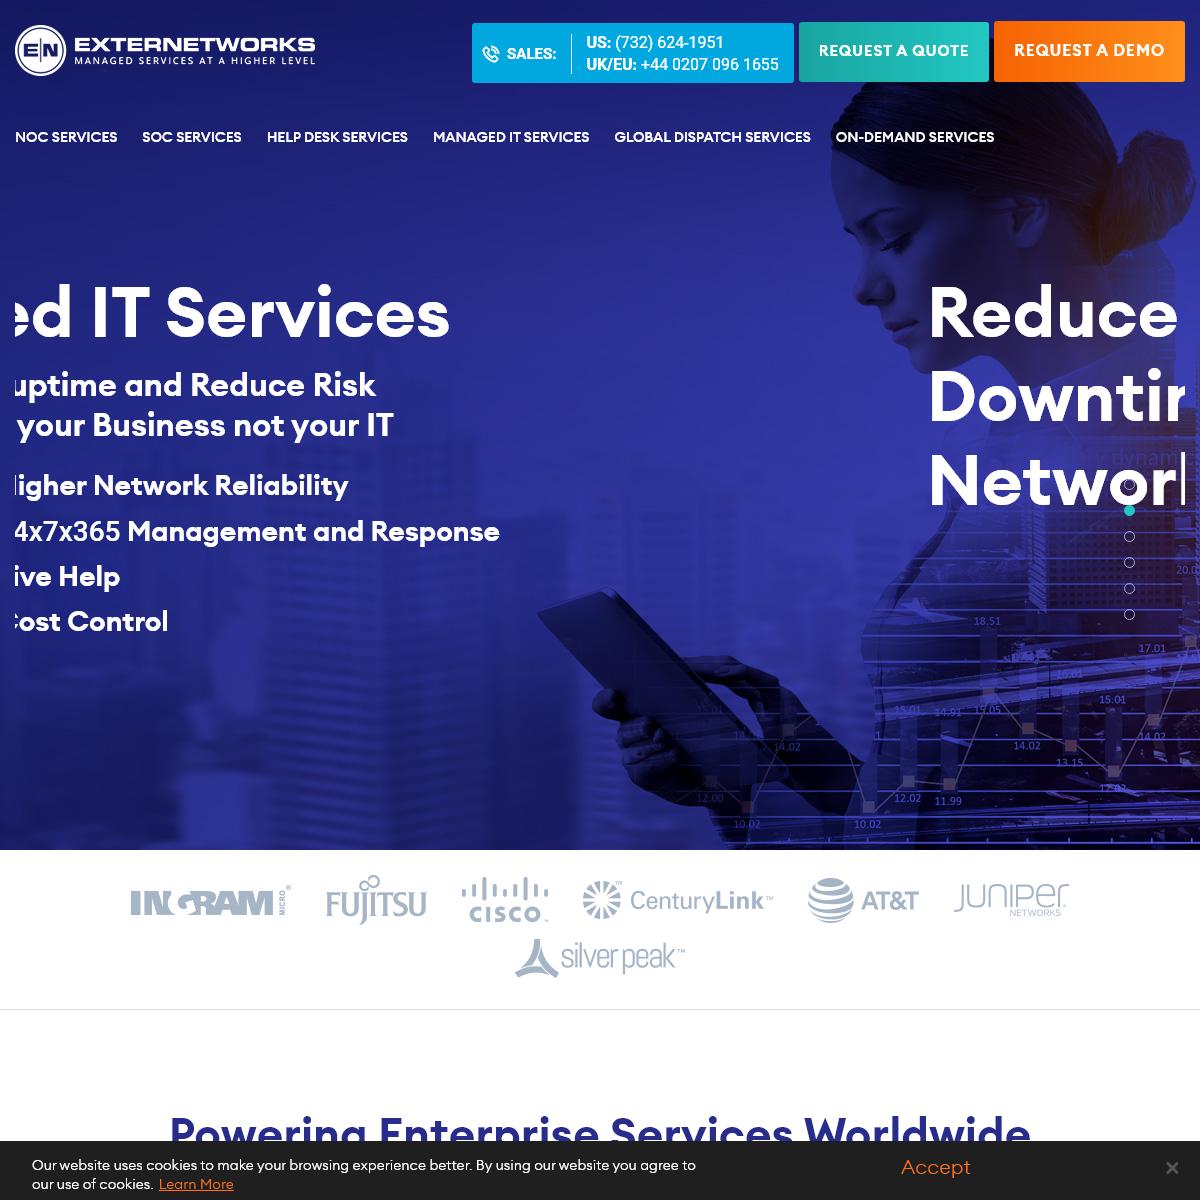 Managed Service Provider - NOC & Help Desk Services - ExterNetworks